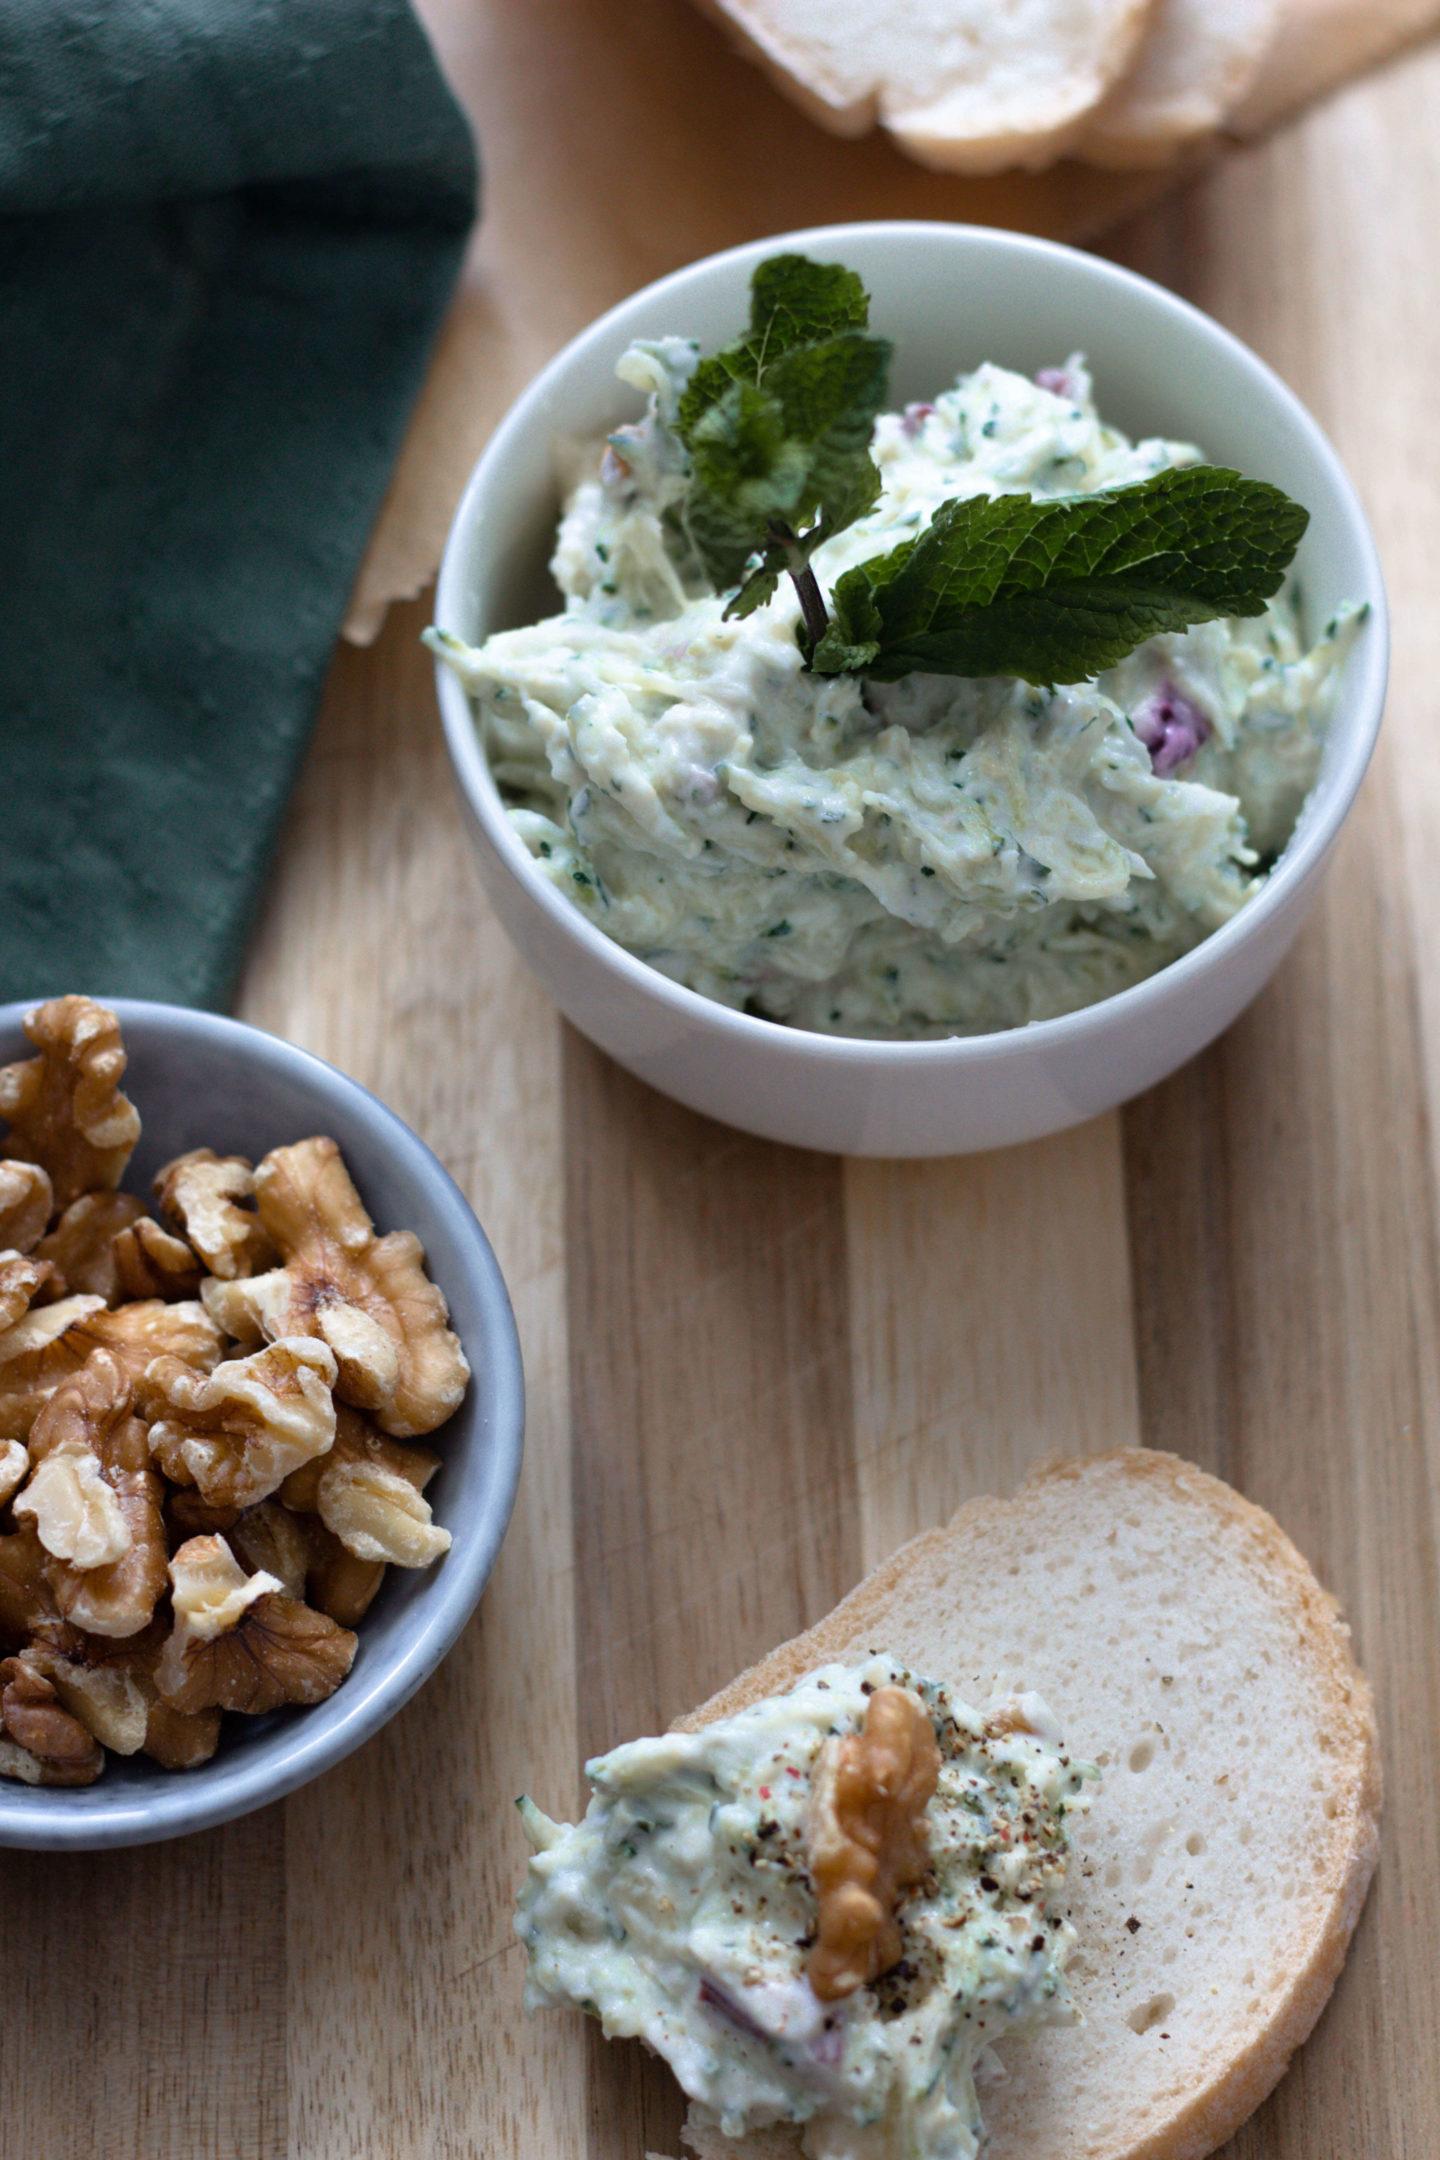 Pfirsich Zucchini Aufstrich-Dein HomeSpa- Food & Wohlfühlblog aus dem Mostviertel